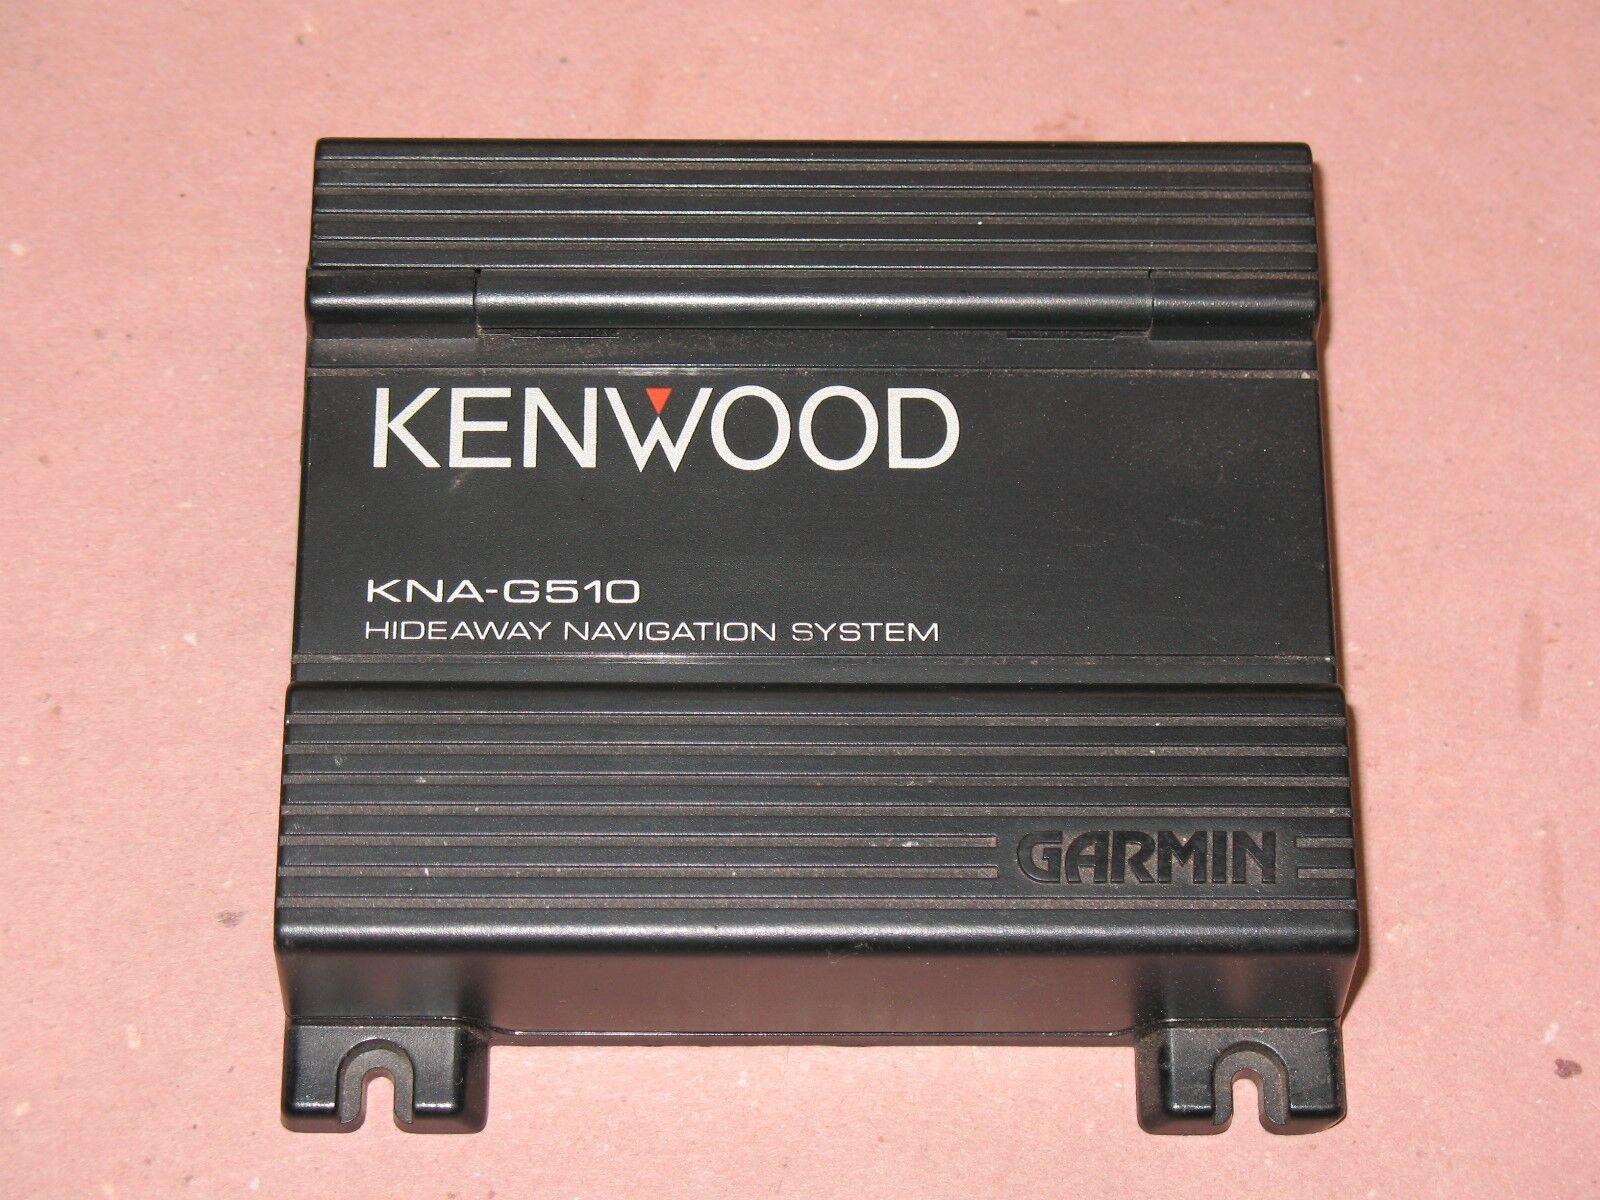 Kenwood KNA-G510 Montaje Remoto De Navegación Para Kenwood Multimedia autorradios